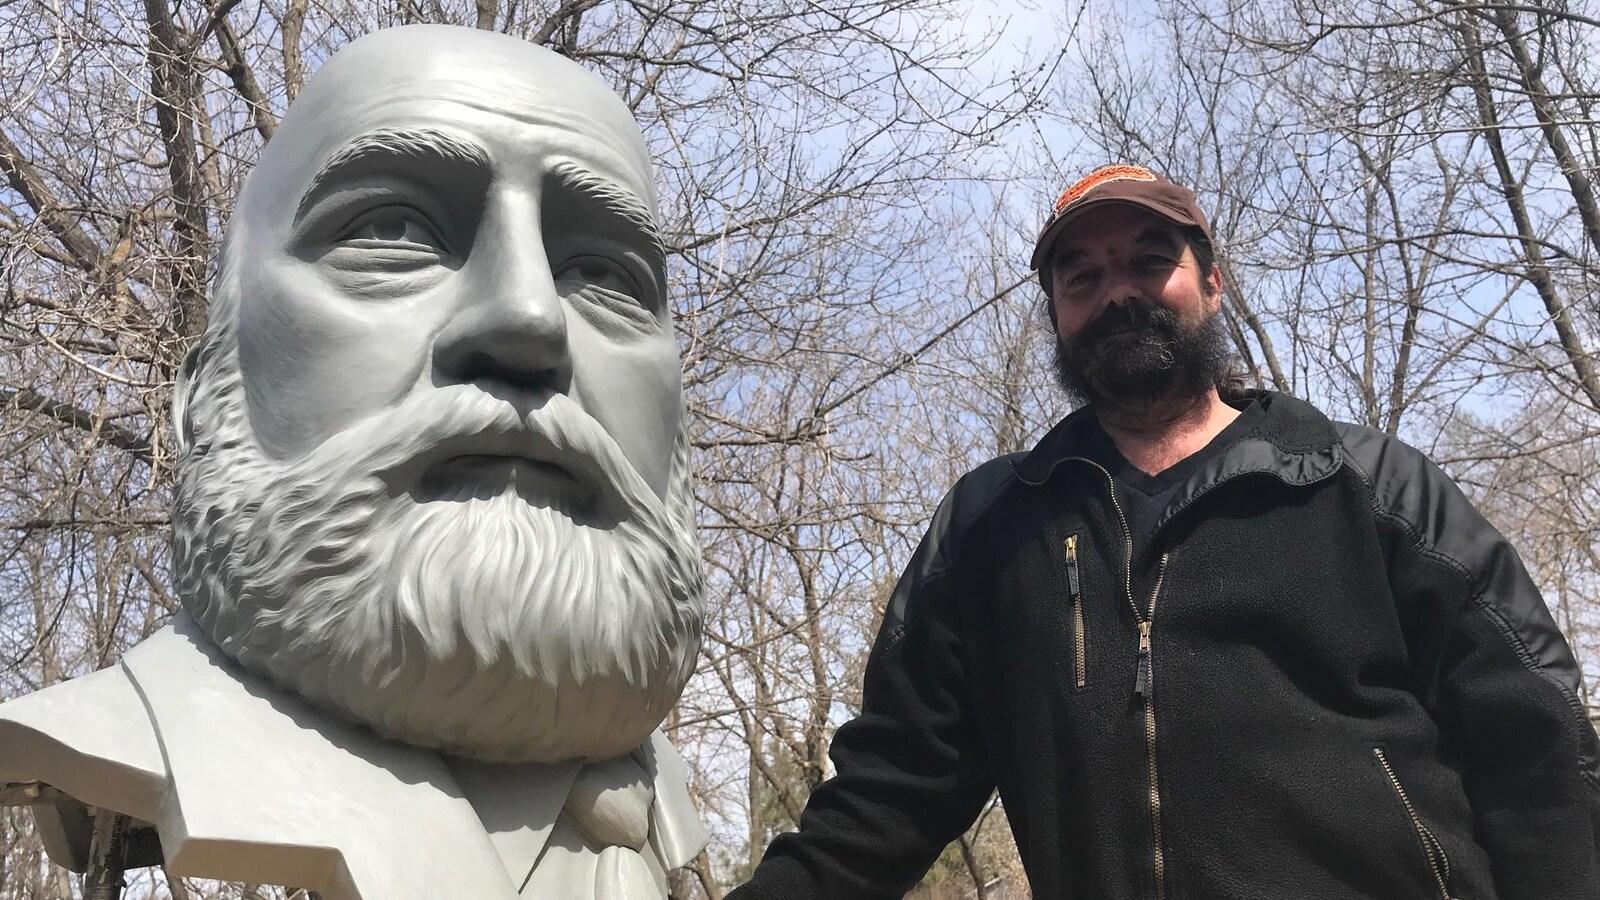 Le buste d'un homme qui doit faire partie d'un monument qui n'est pas encore terminé, etl'artiste qui l'a sculpté.